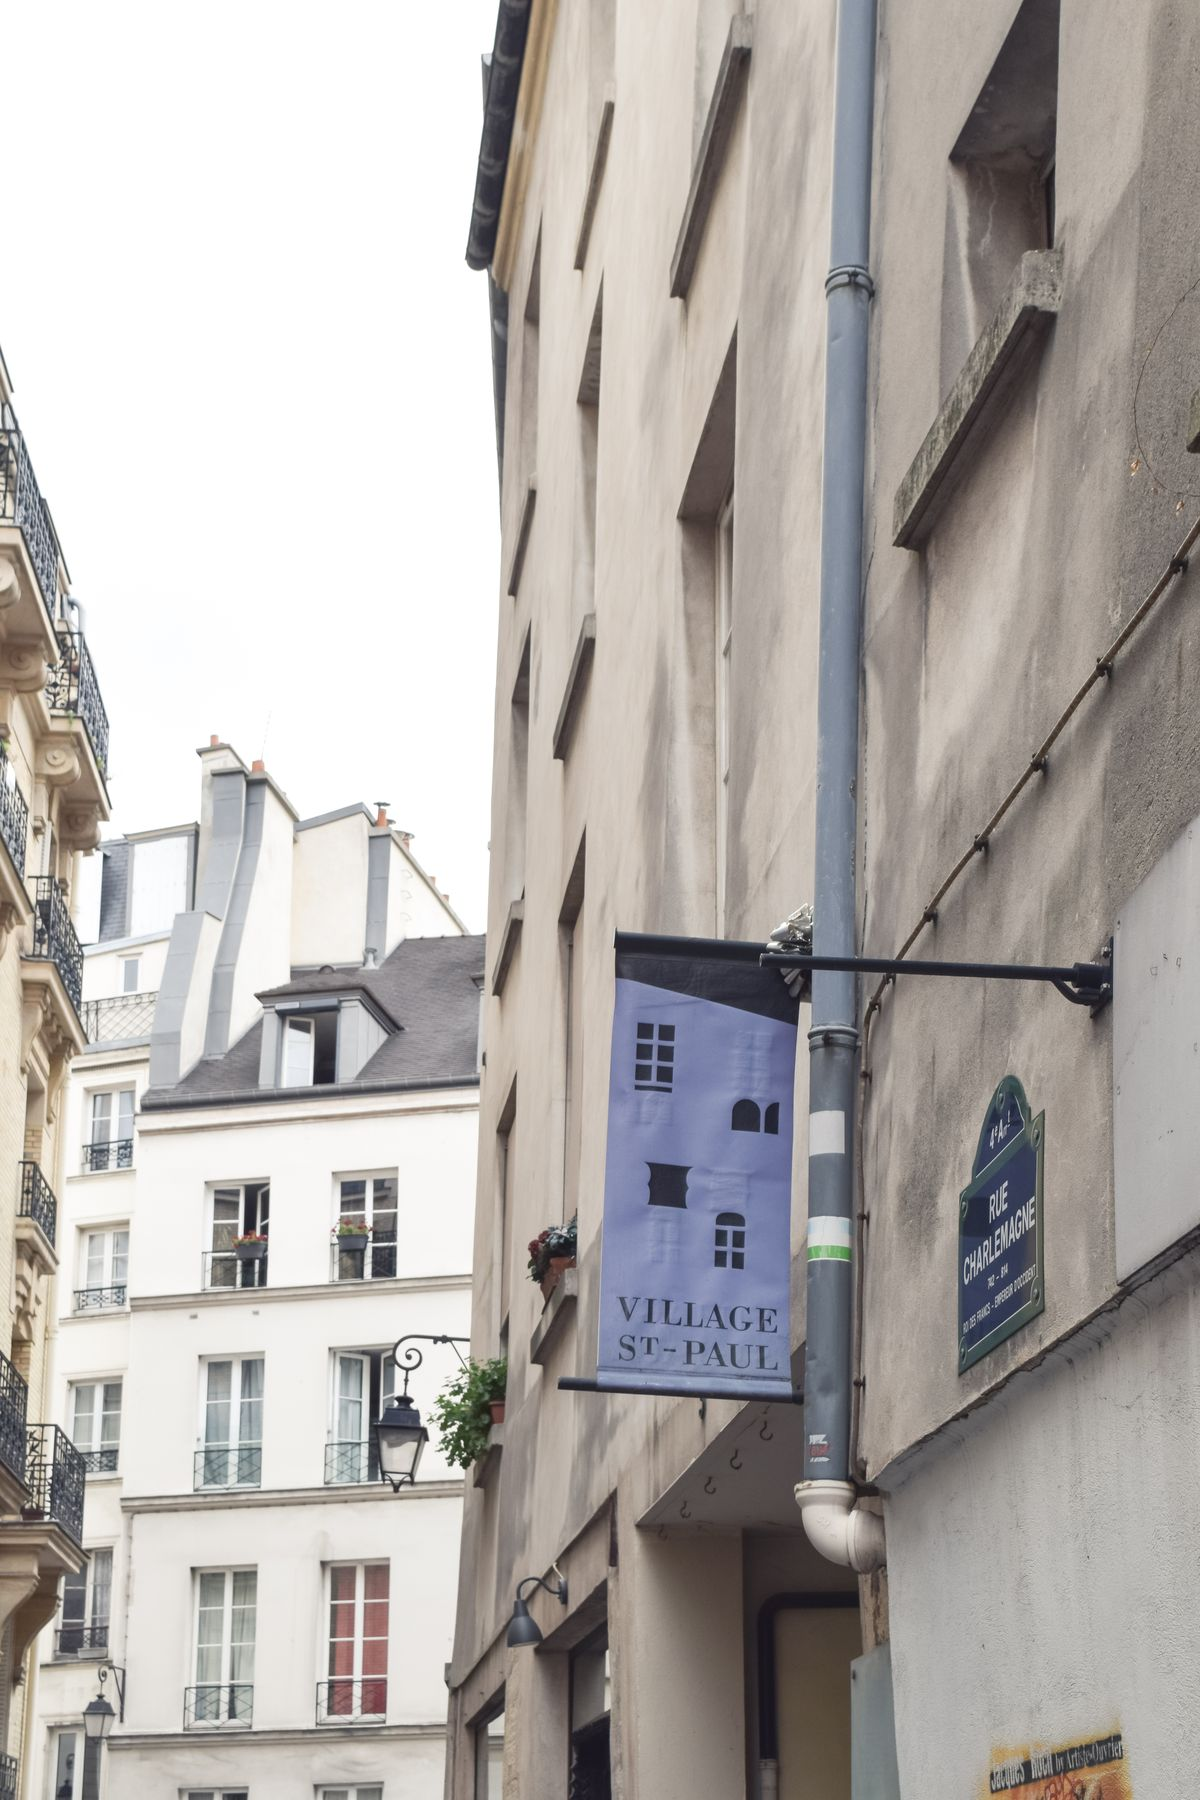 Village Saint Paul, Le Marais, Paris, France